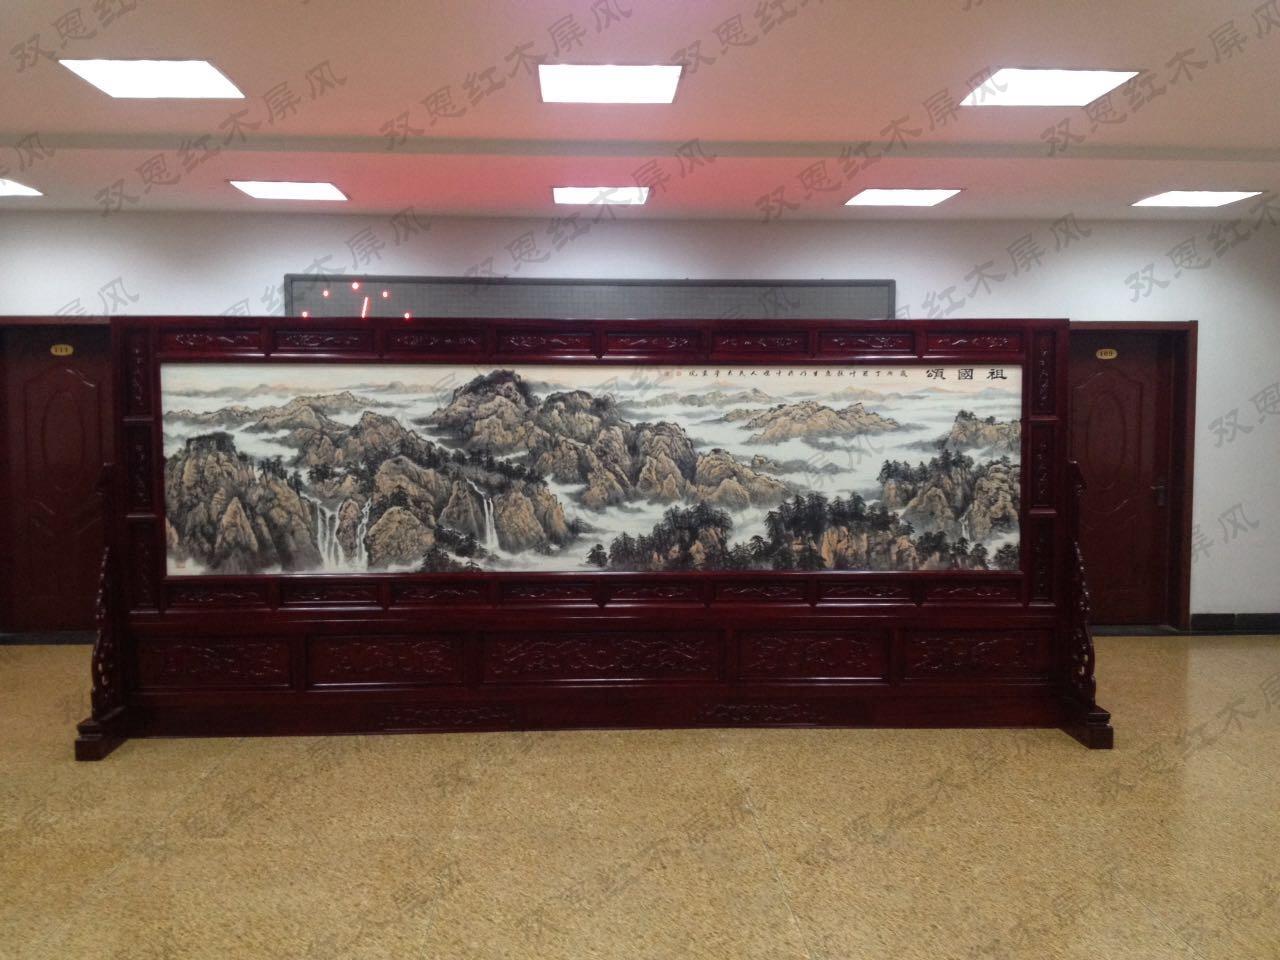 北京大兴区环境服务中心4.53米×2米红木国画屏风